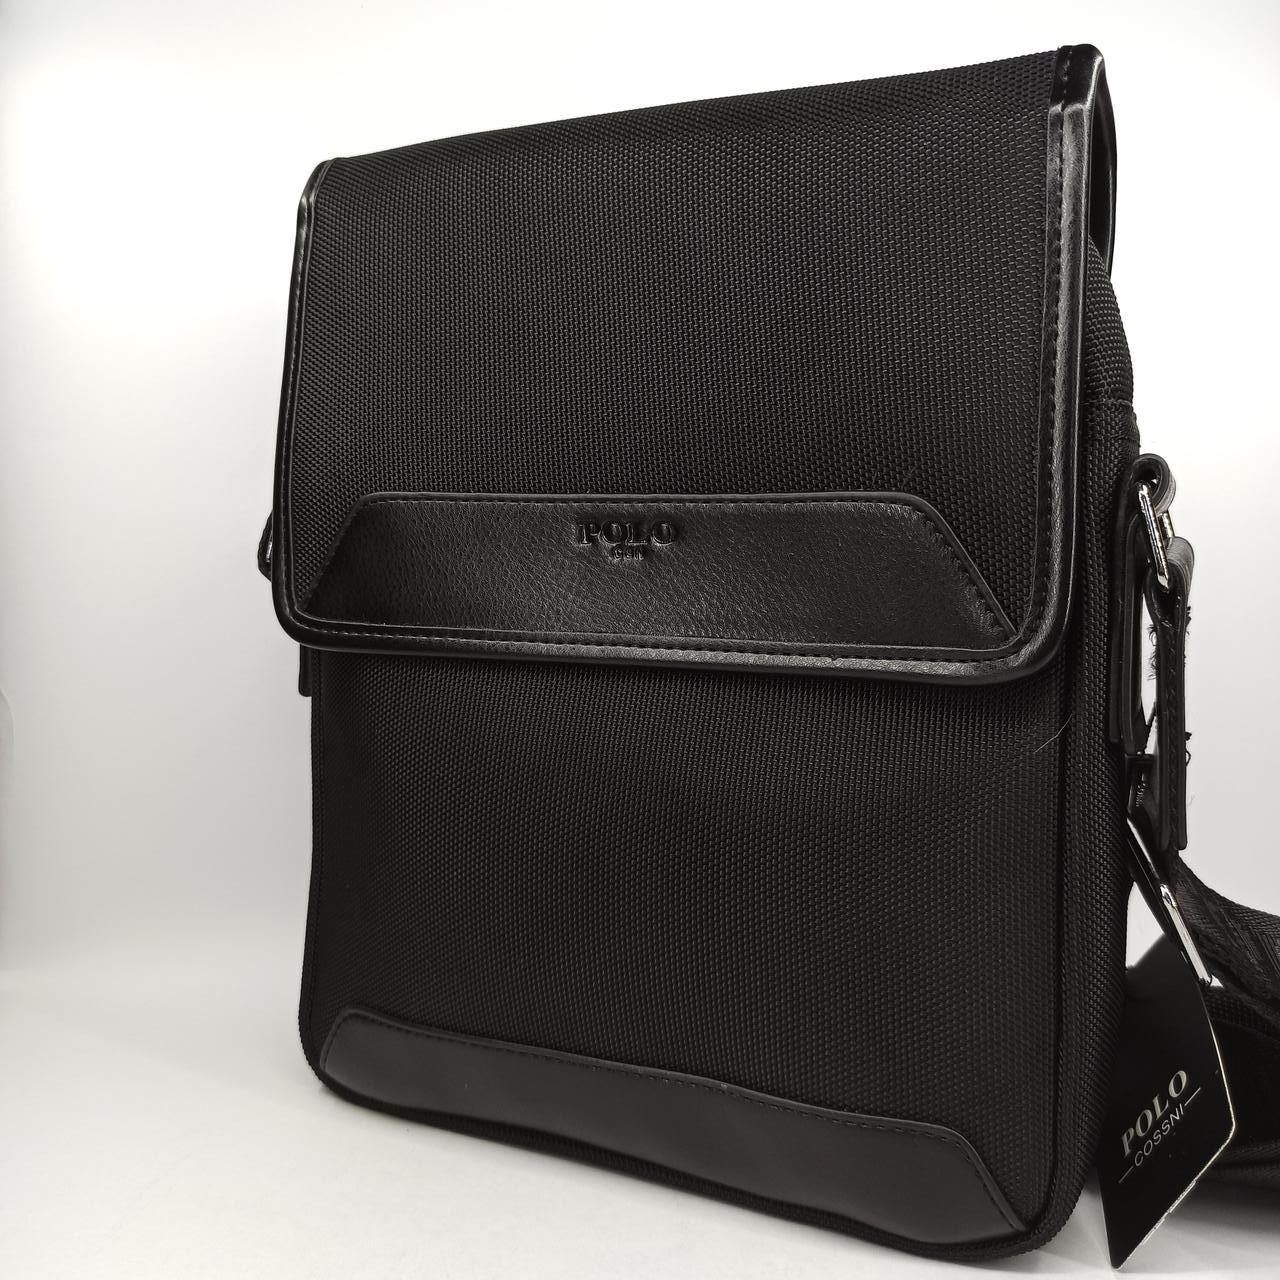 Мужская кожаная сумка планшет через плечо Polo B667-4